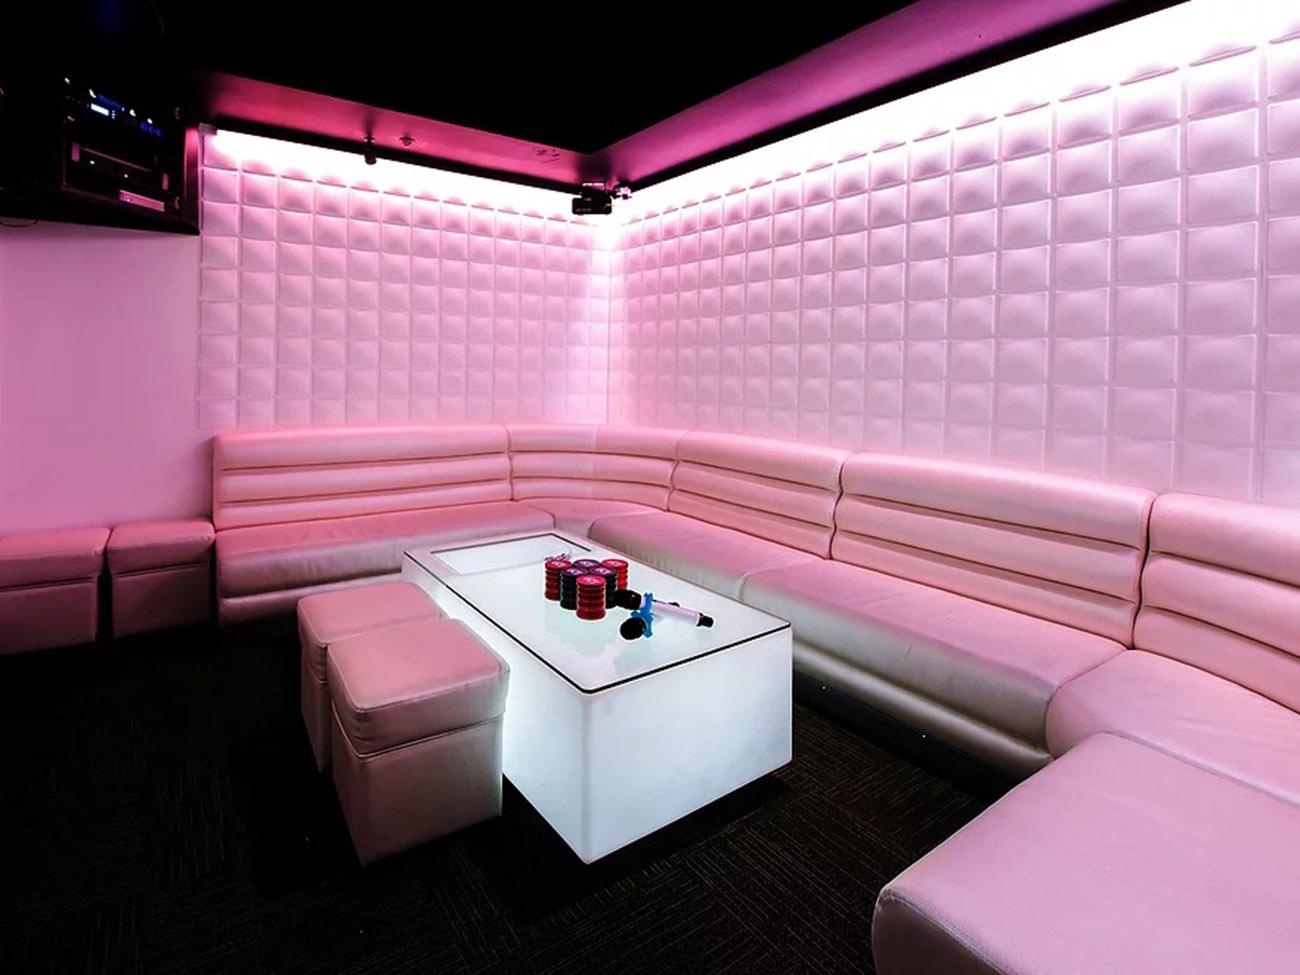 Màu hồng nhẹ làm chủ đạo cho phòng karaoke biệt thự 2 tầng hiện đại